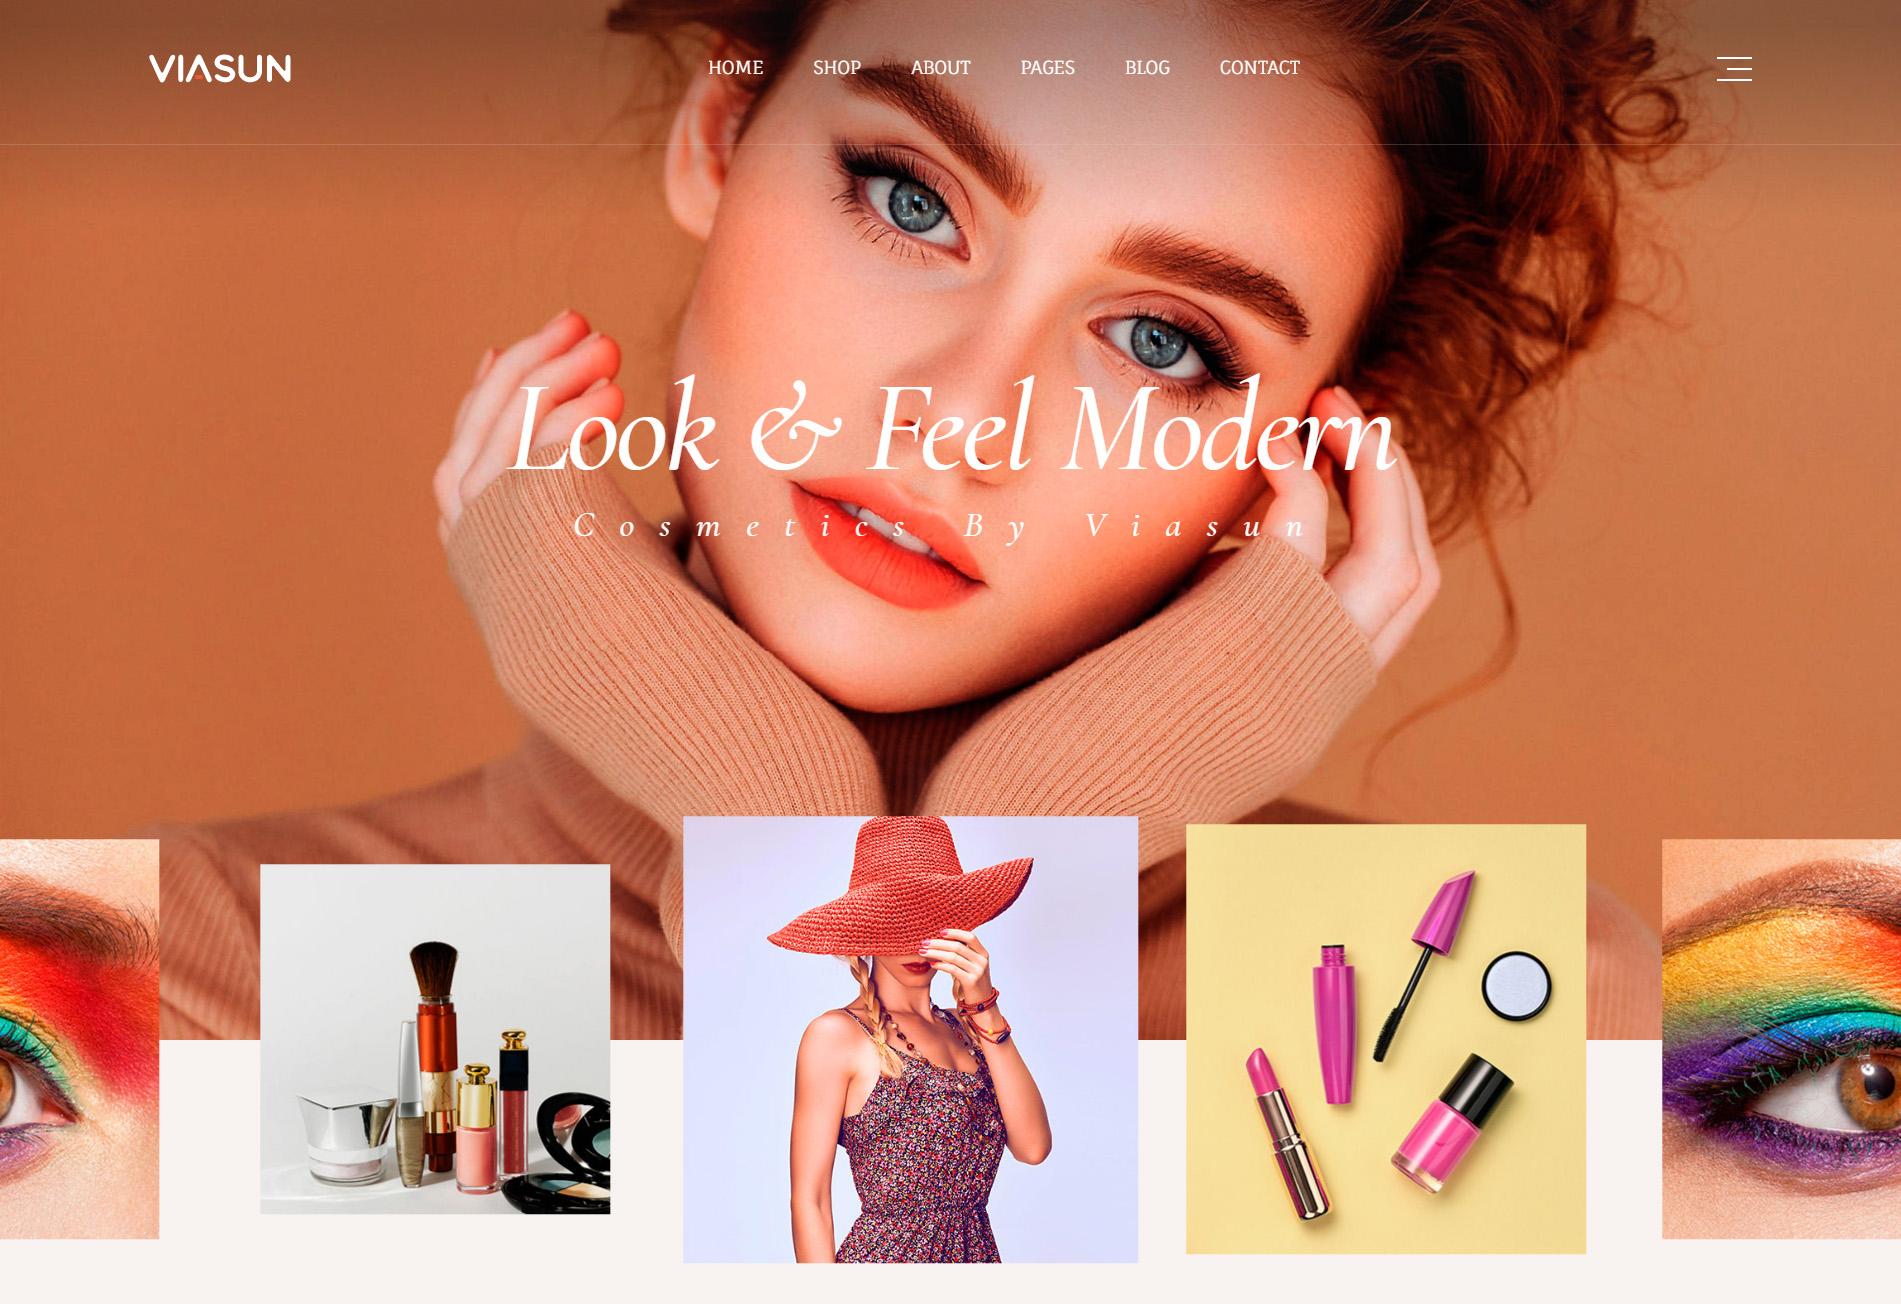 品牌化妆品商店官网模板